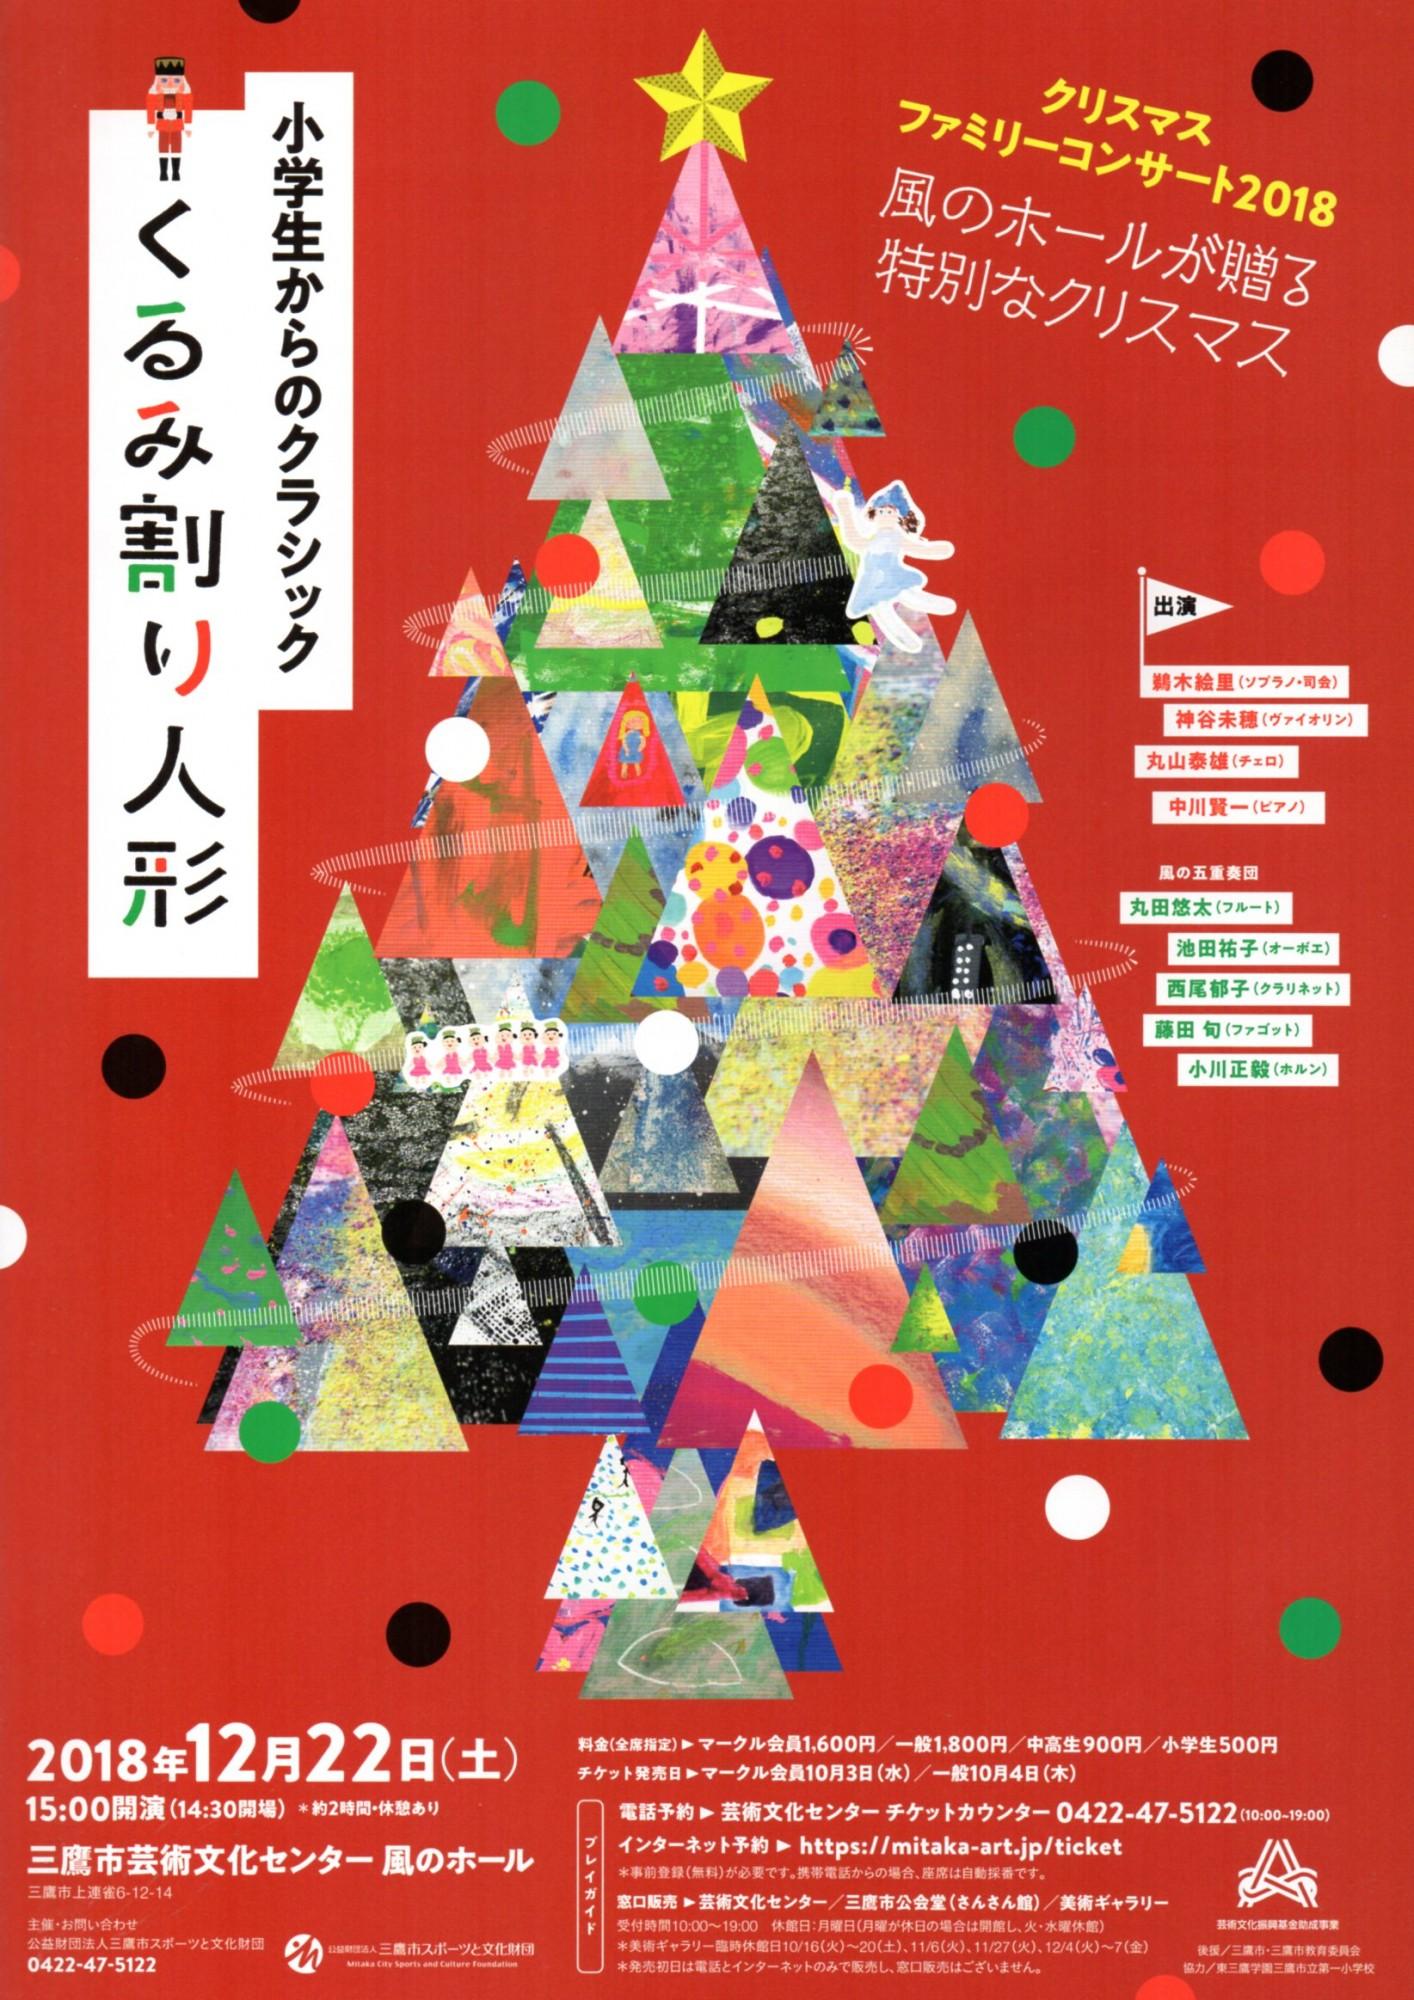 2018年12月22日クリスマスファミリーコンサート・チラシ(表)